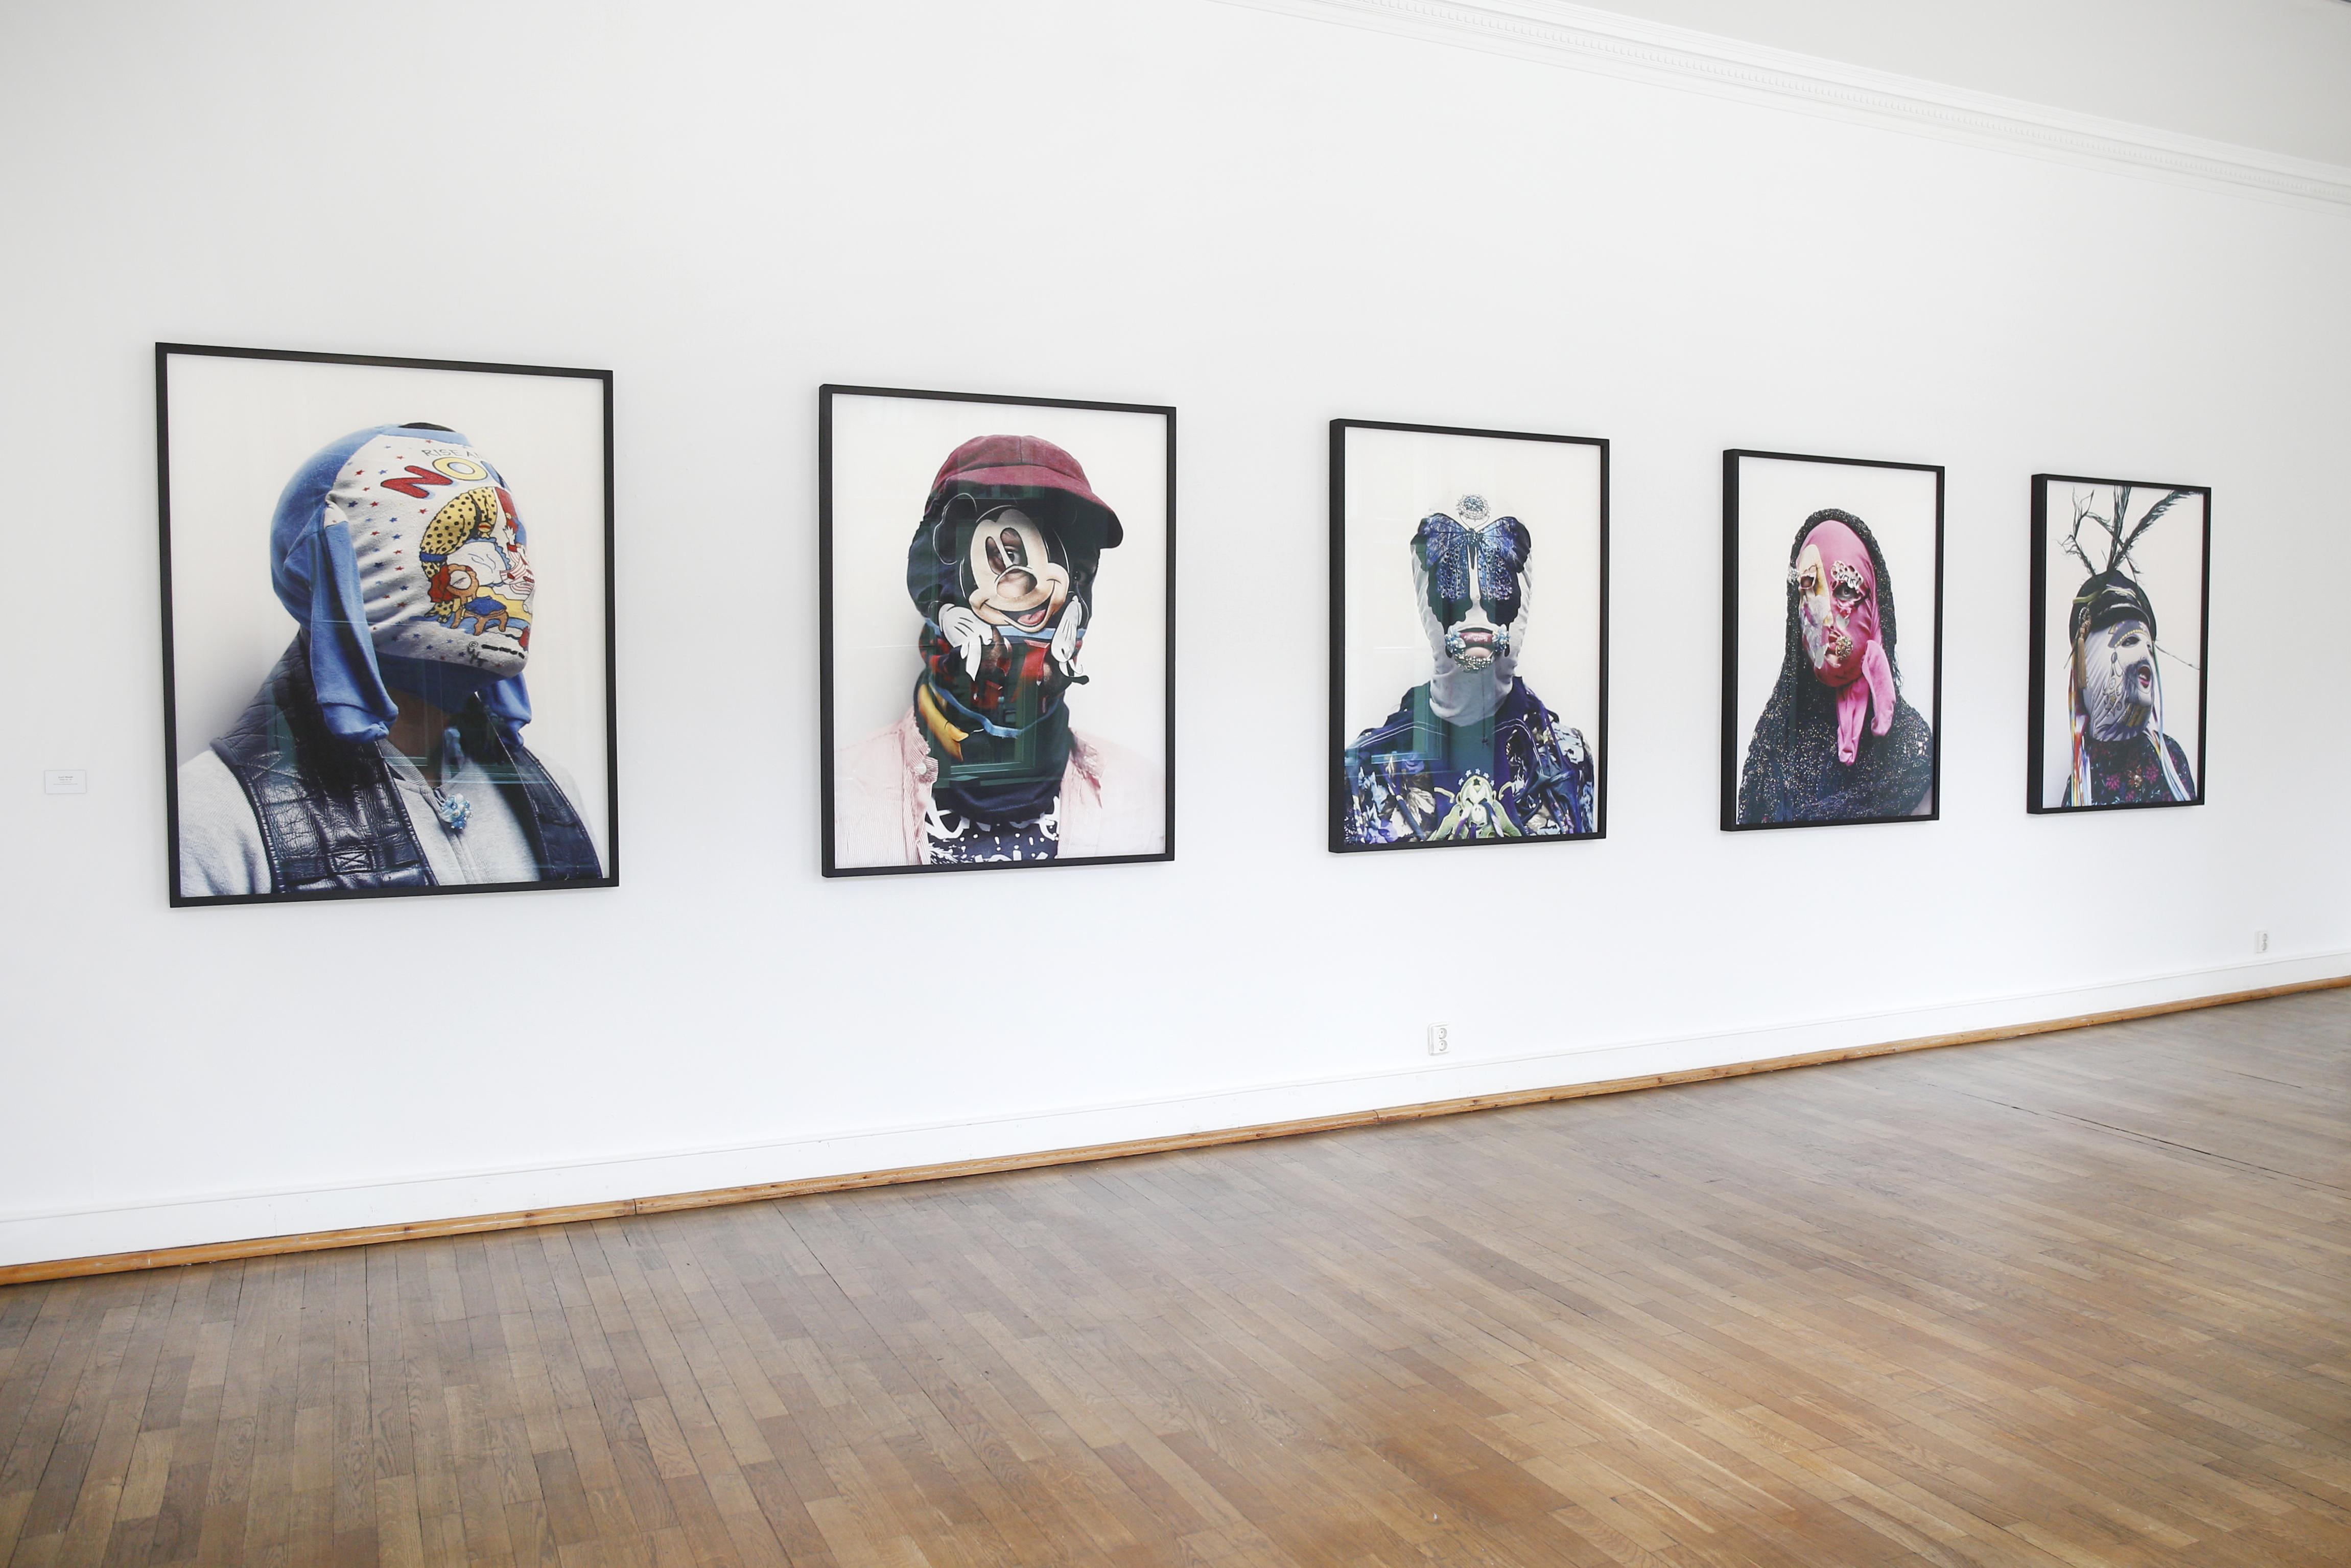 """Axel Hoedt """"NOKI"""" Fotoreihe auf dem Berliner Fotografie Salon. ©Isa Foltin/Getty Images für Berliner Fotografie Salon."""